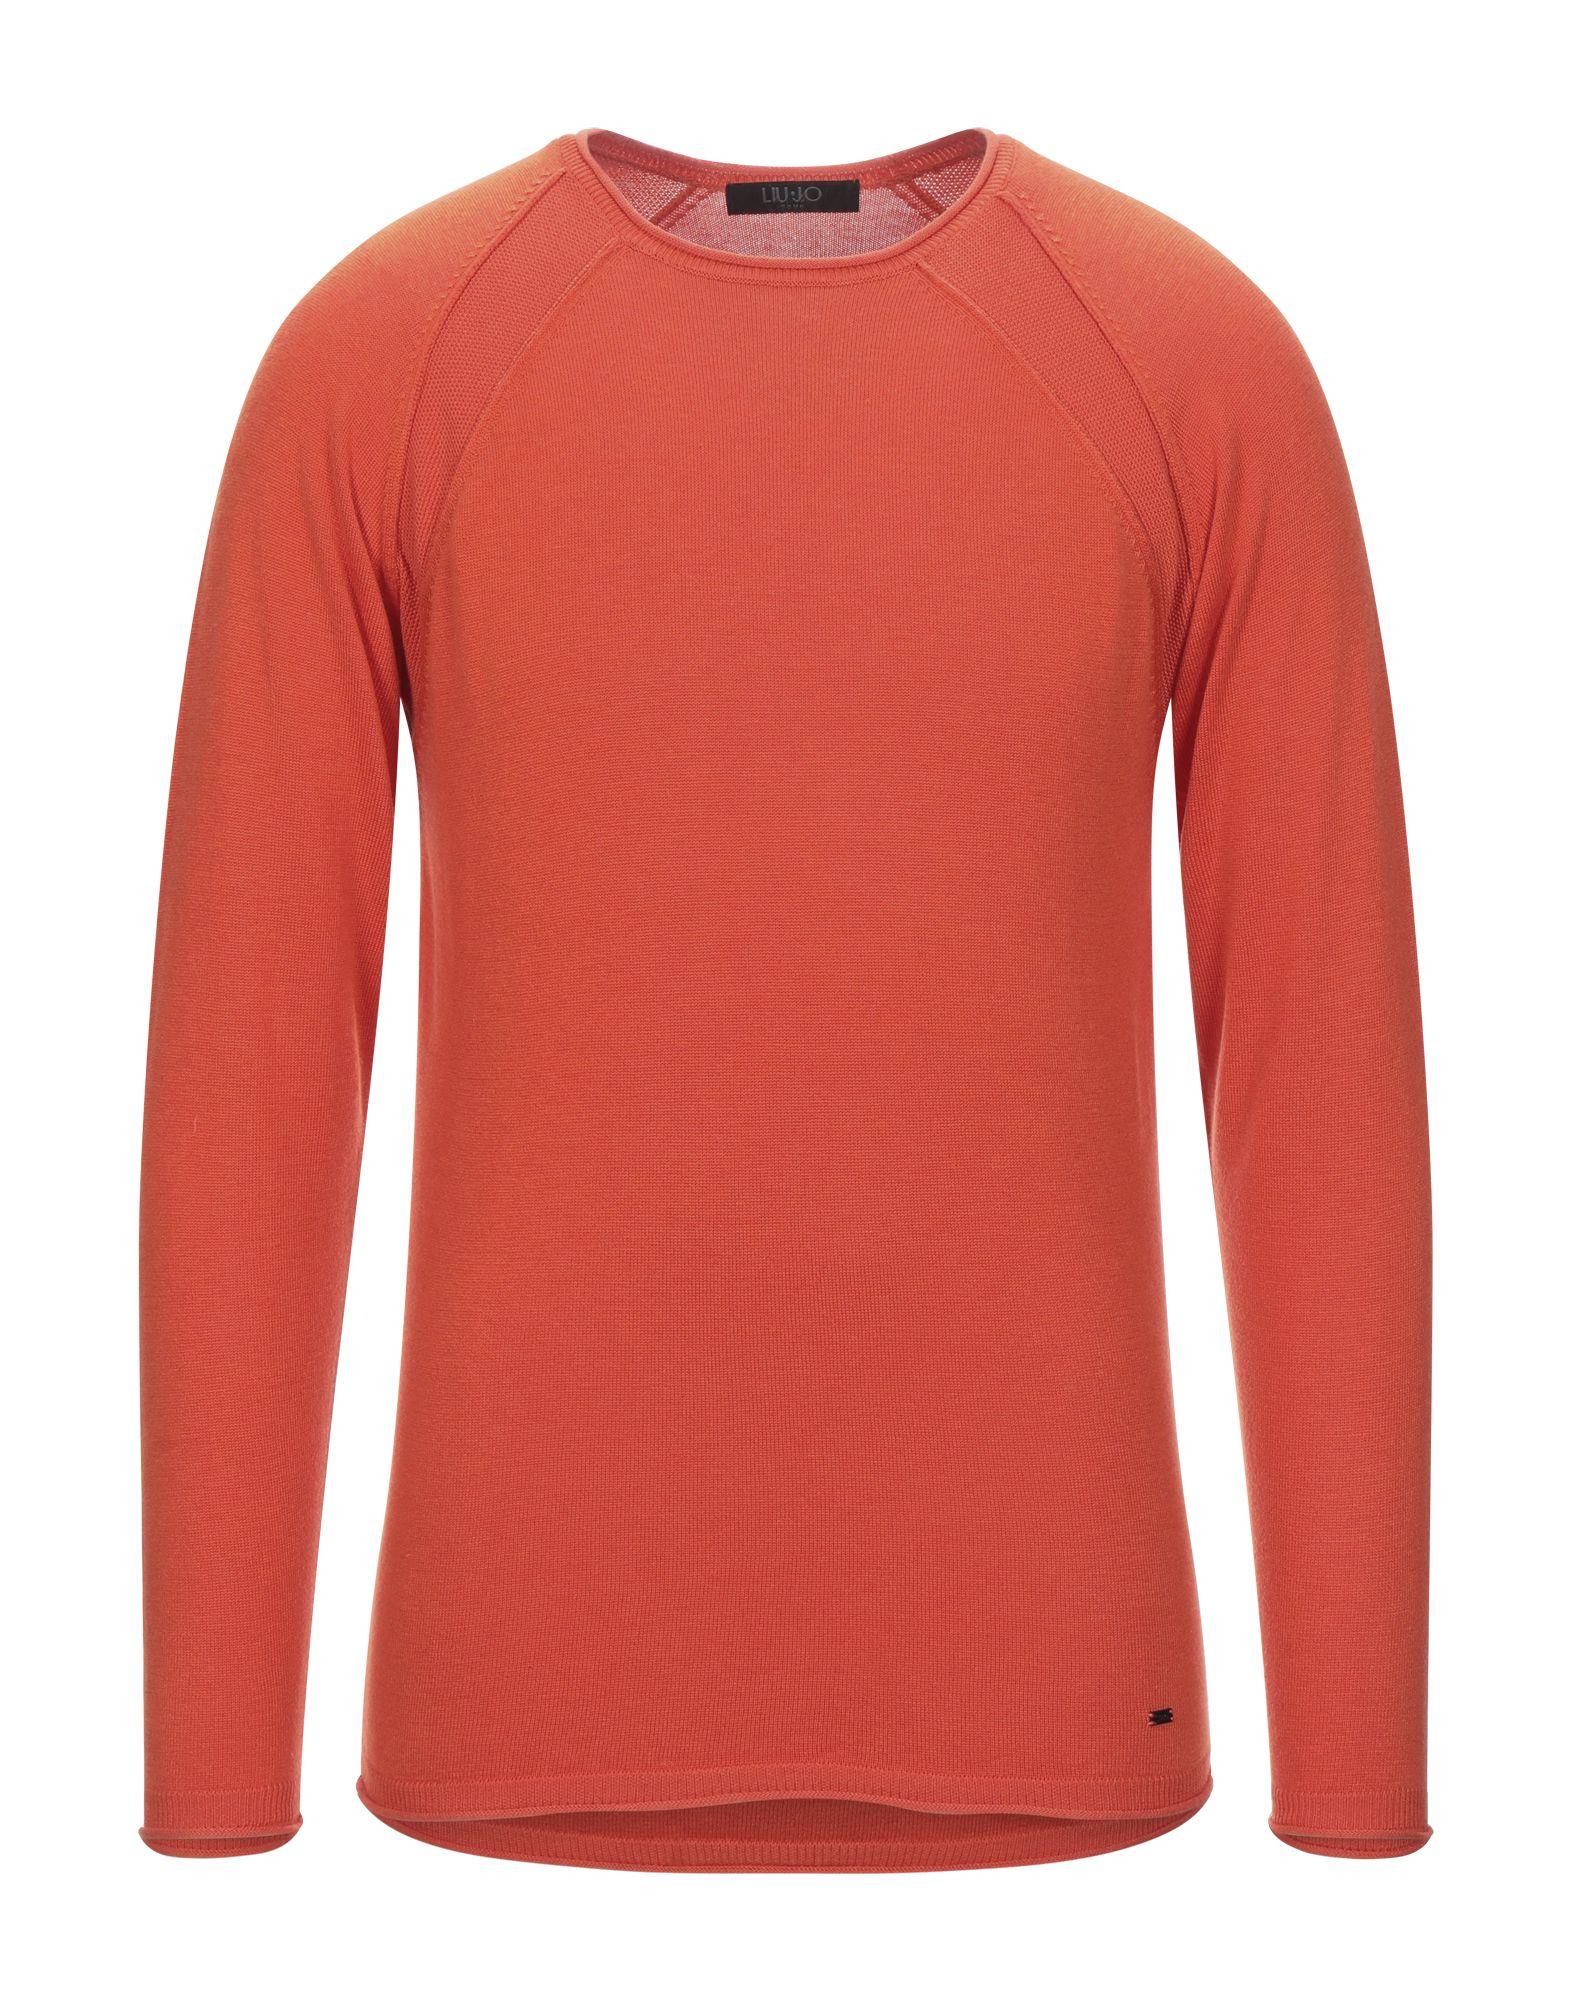 LIU JO MAN Sweaters - Item 14060091